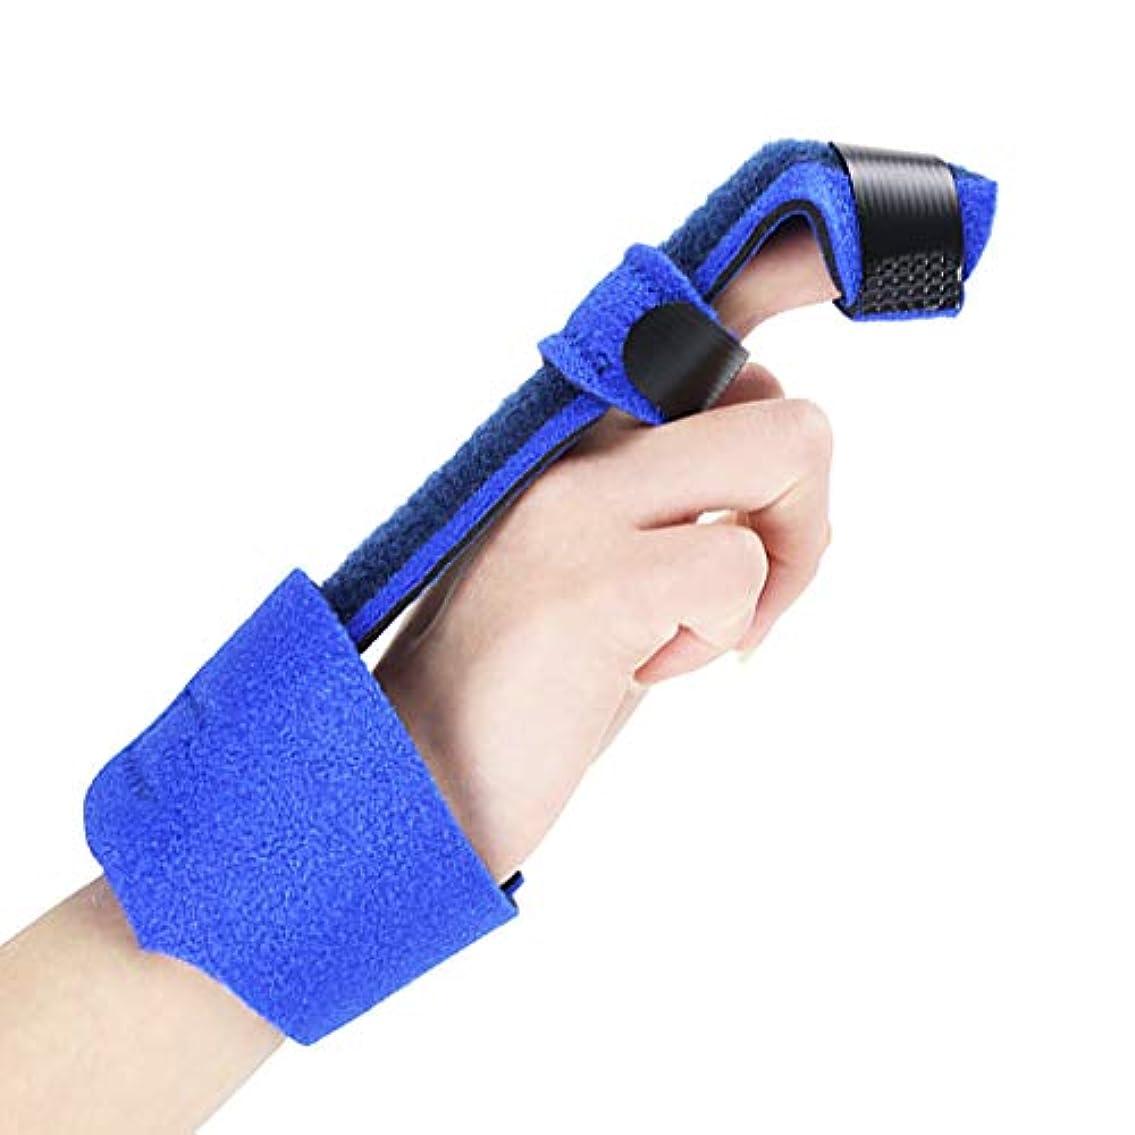 開梱ランプ反抗指の装具 - 調節可能な指の救助のリハビリテーションのベルト、関節炎の腱炎の捻挫の苦痛固定副木のリハビリテーション装置,1pcs